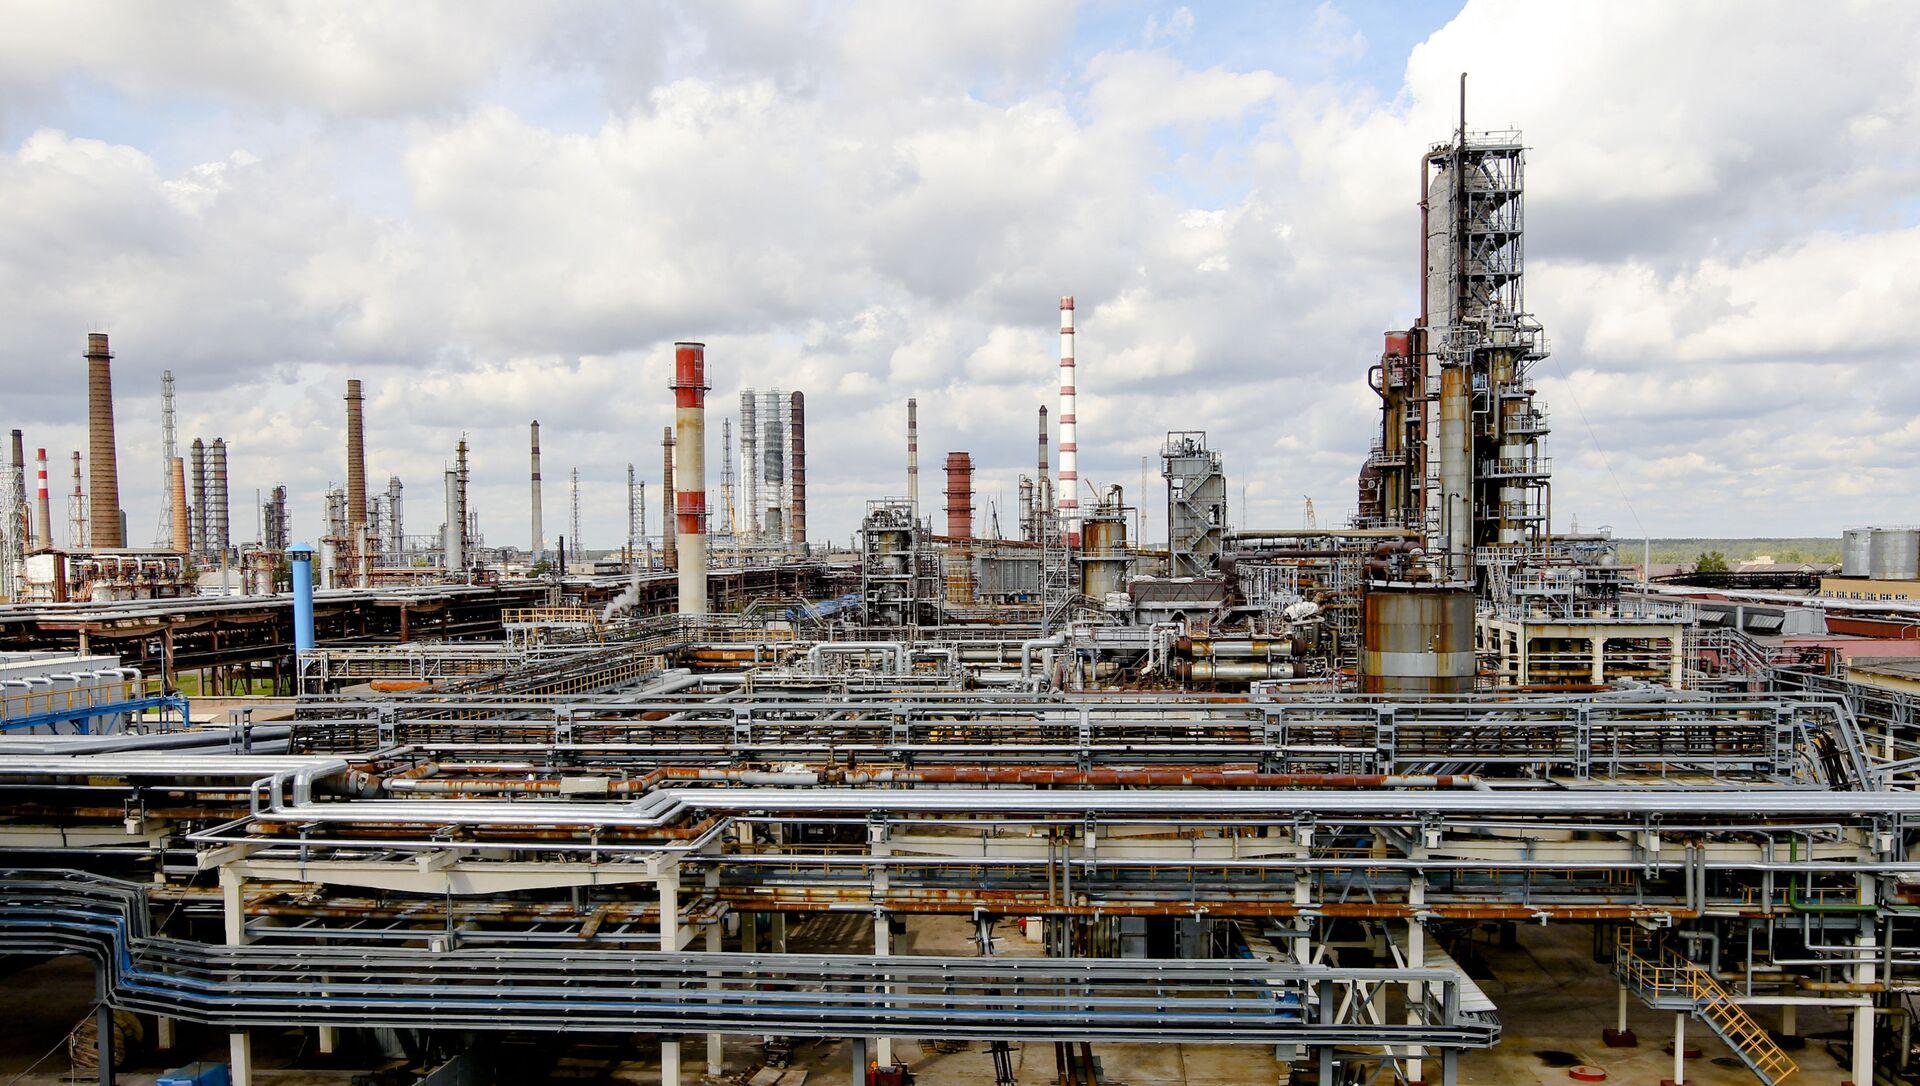 Нефтеперерабатывающий завод Нафтан в Новополоцке - Sputnik Беларусь, 1920, 05.02.2021